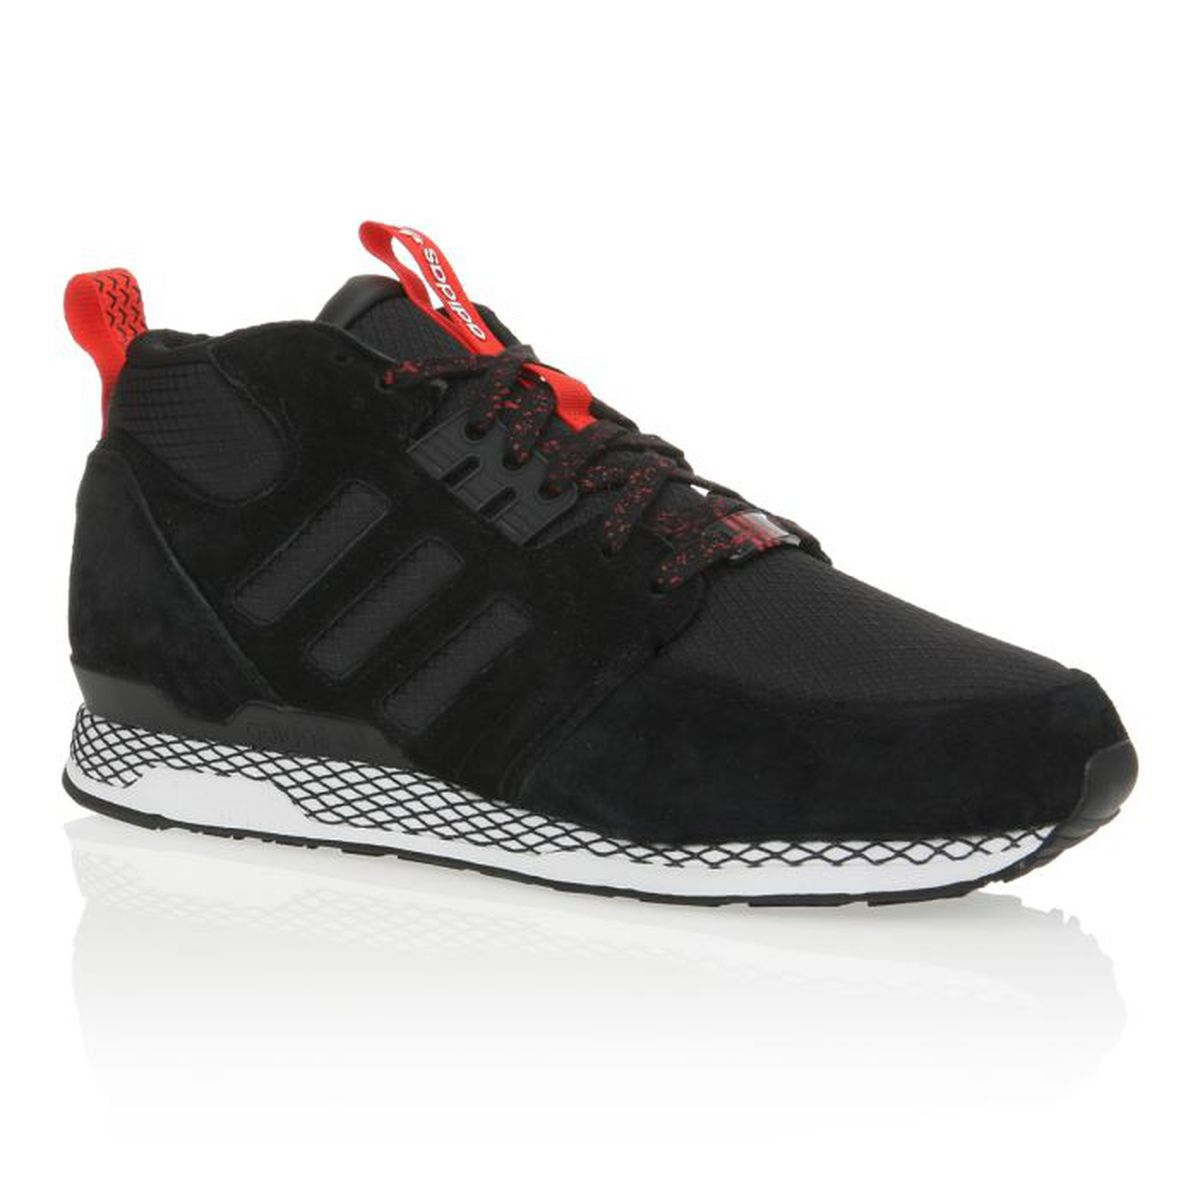 Casual Mid Et Originals Homme Baskets Rouge Zx Achat Noir Adidas qPpntfP